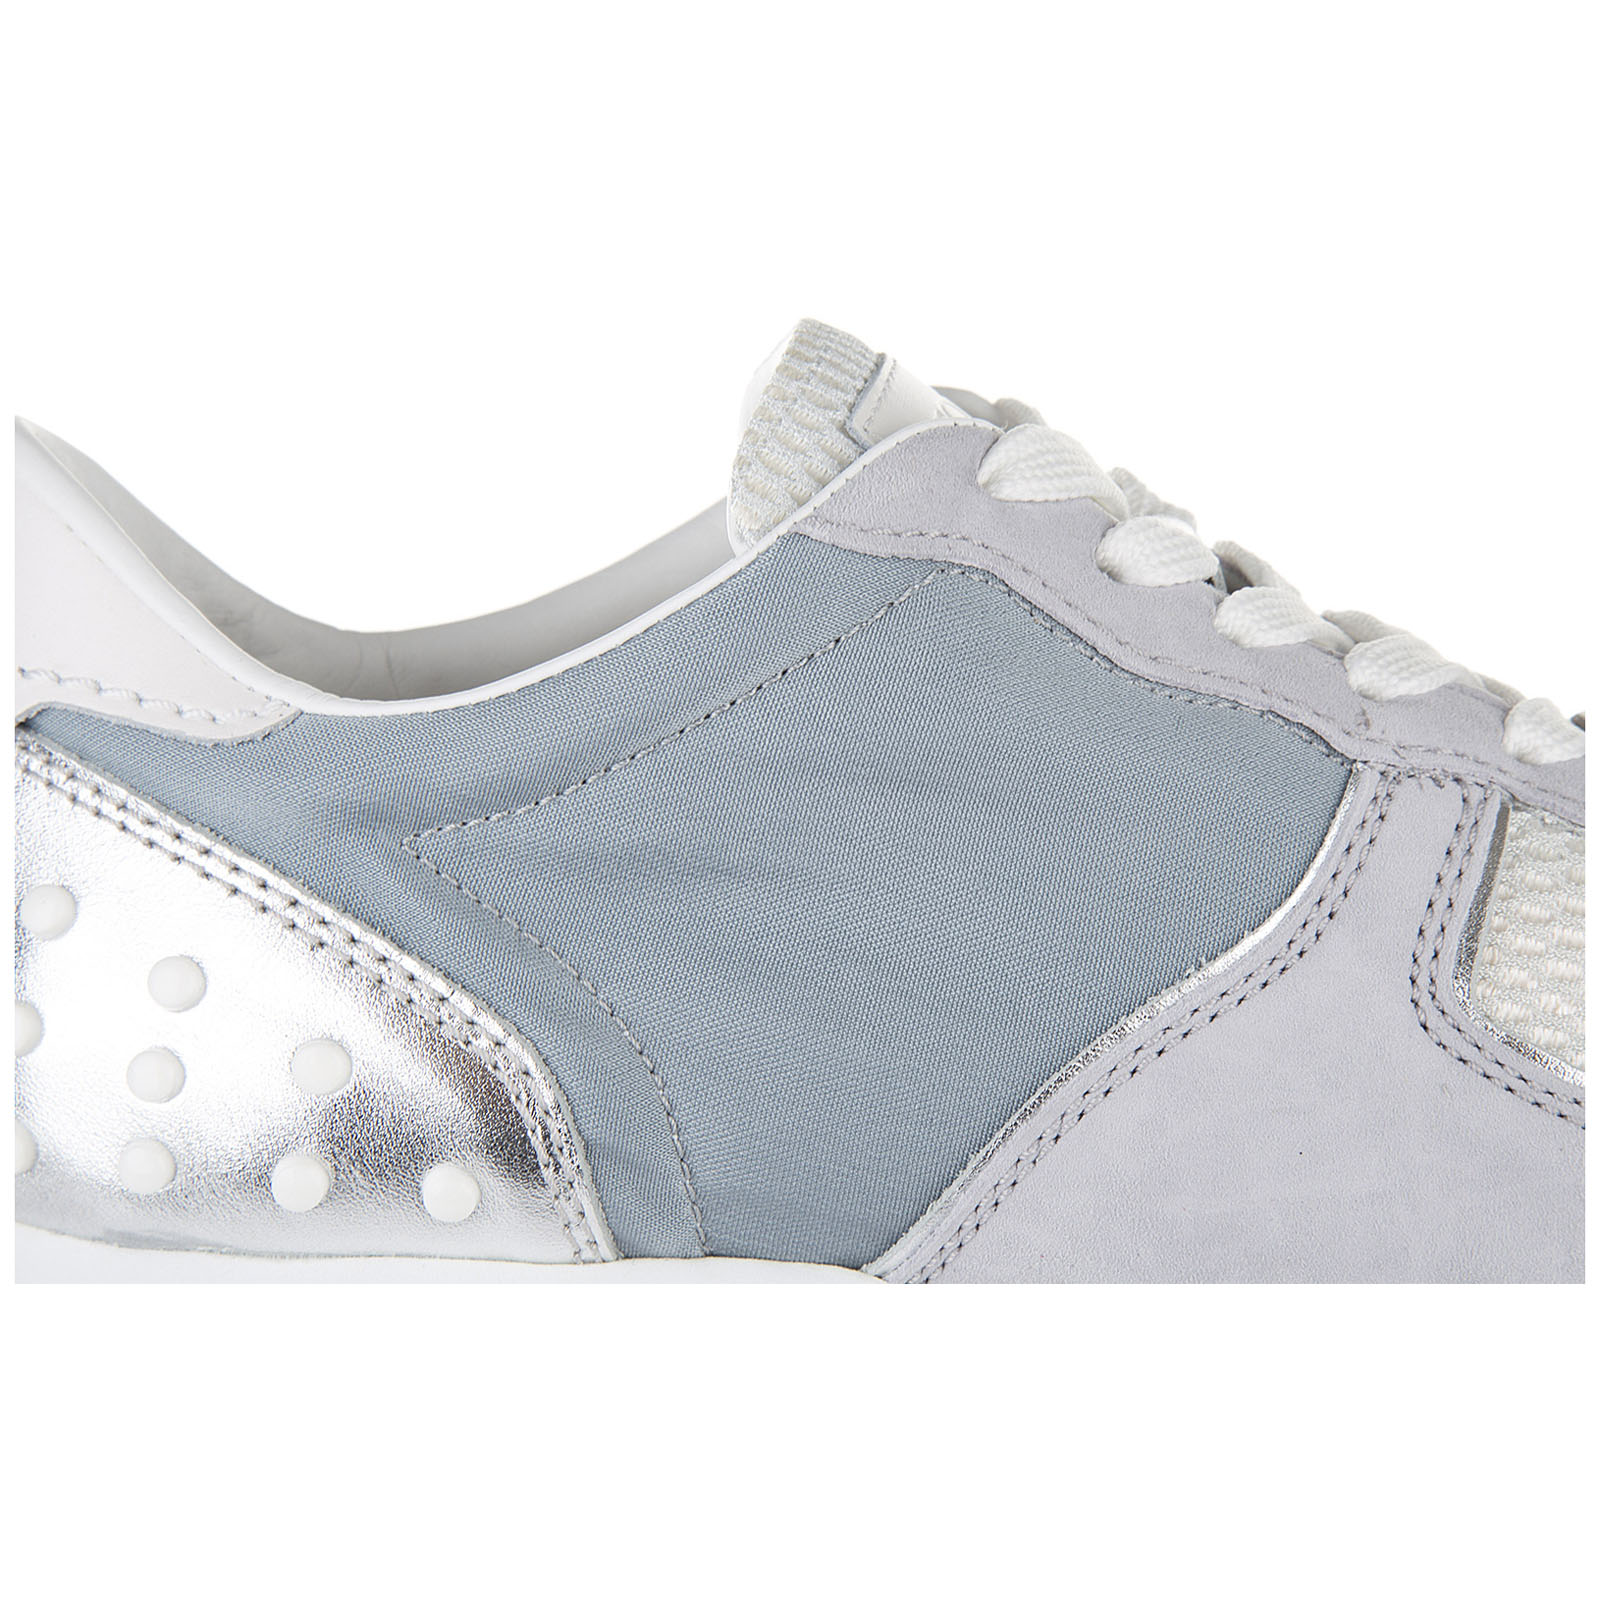 Damenschuhe turnschuhe damen wildleder schuhe sneakers sportivo yo allacciata